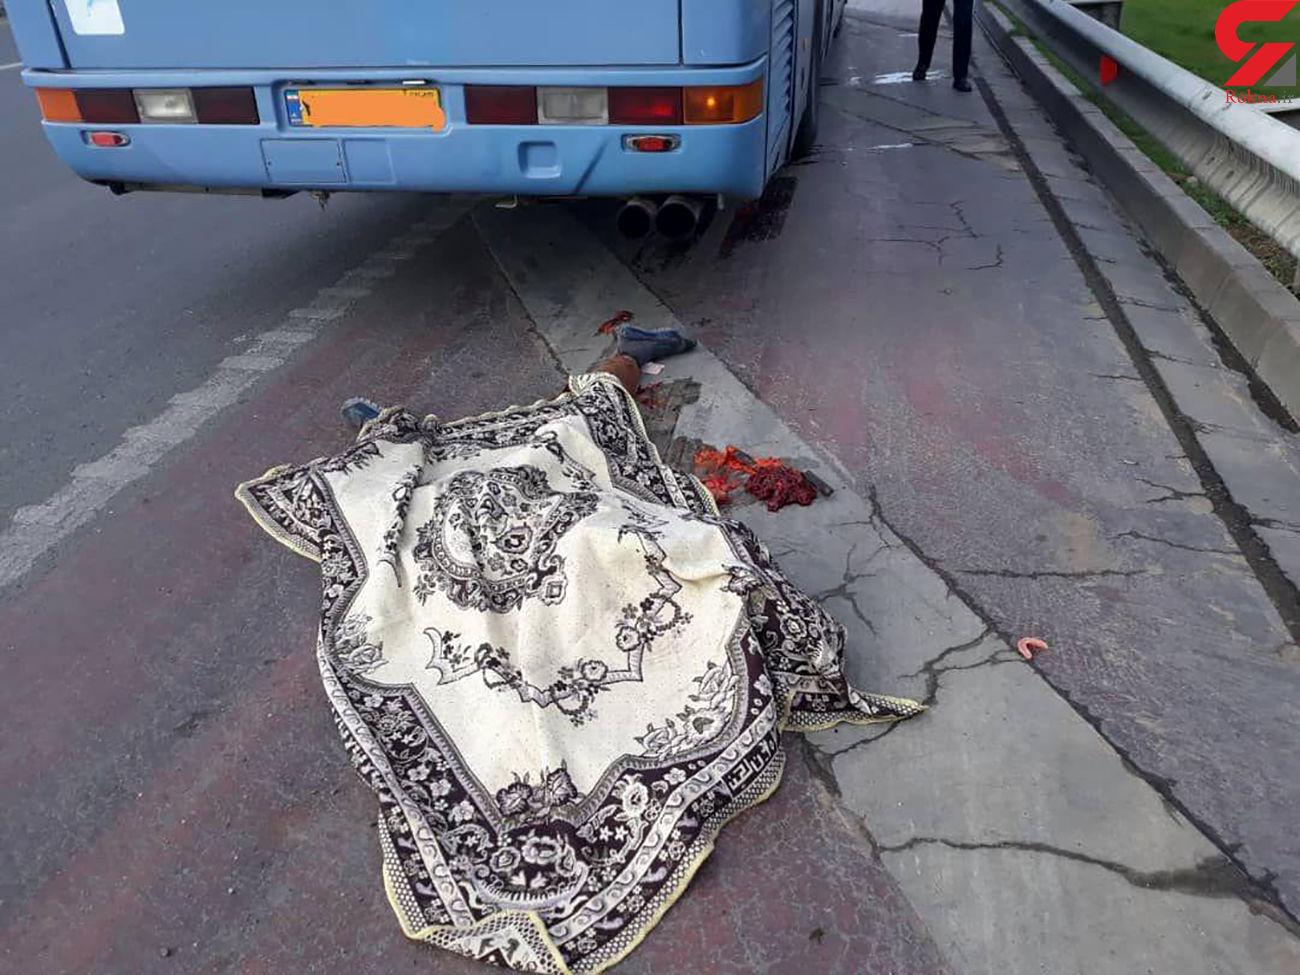 تصادف مرگبار در شازند یک کشته برجا گذاشت